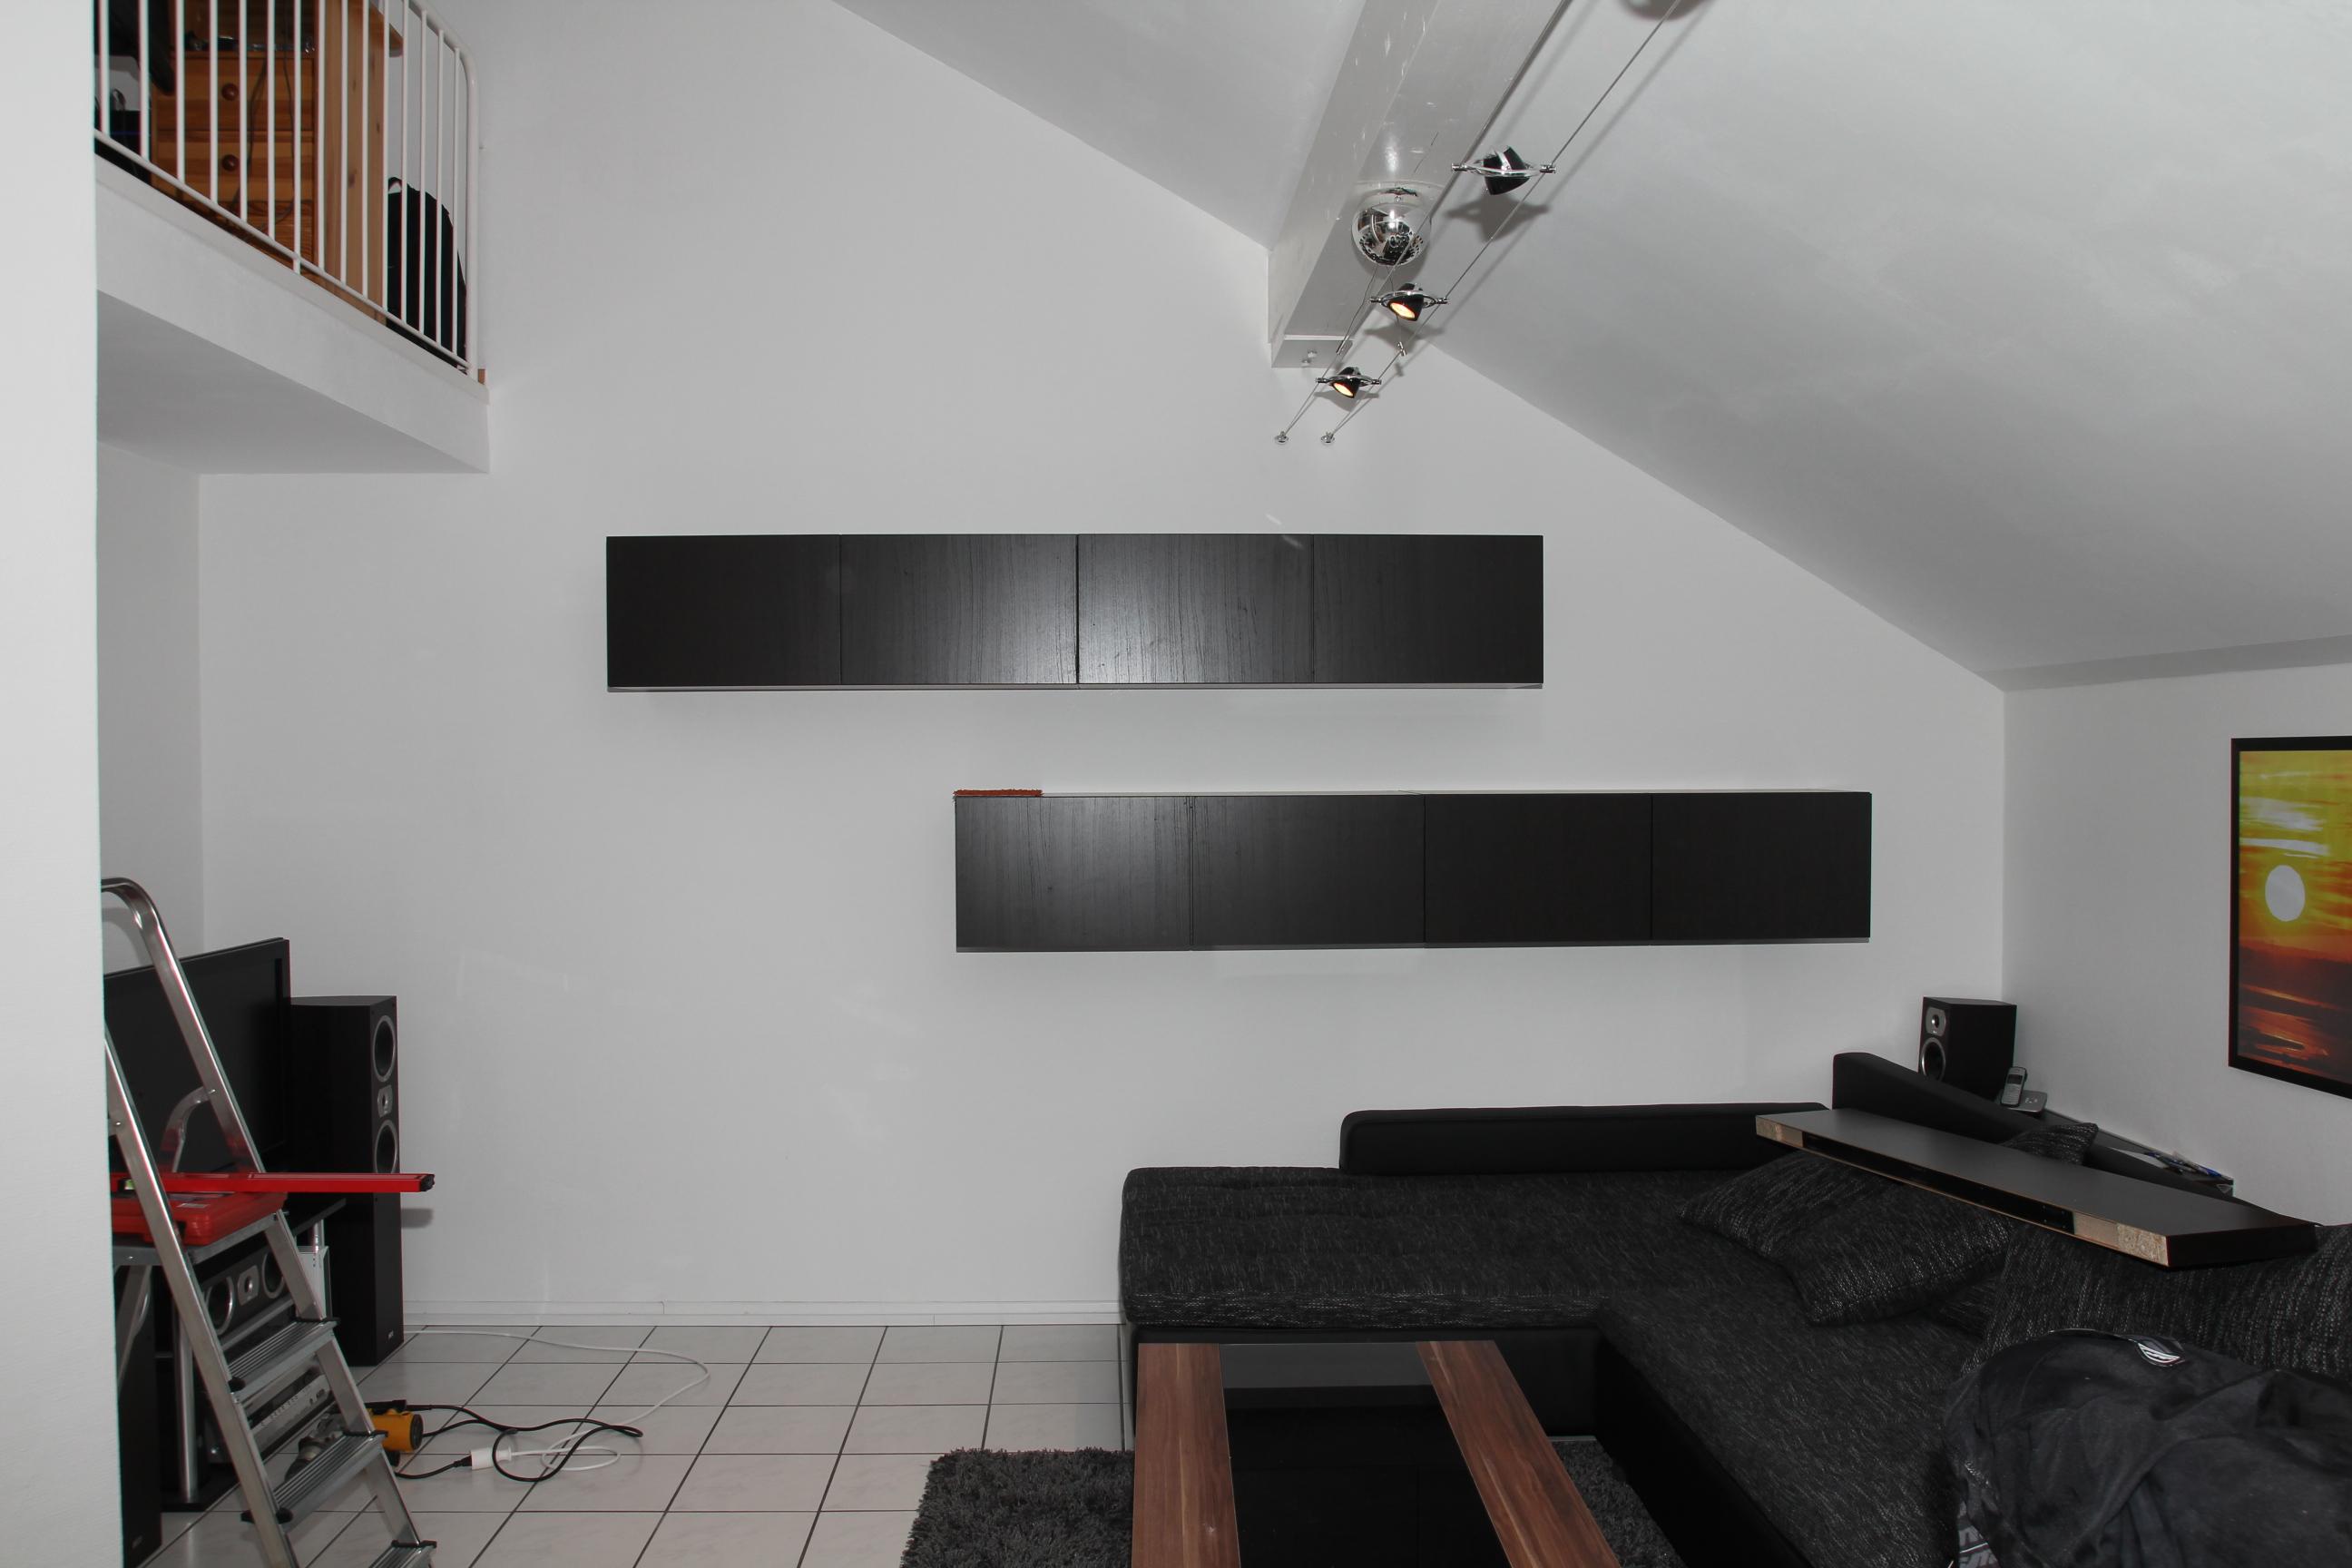 catwalk planung ein paar fragen do it yourself katzenforum mietzmietz das forum ber katzen. Black Bedroom Furniture Sets. Home Design Ideas